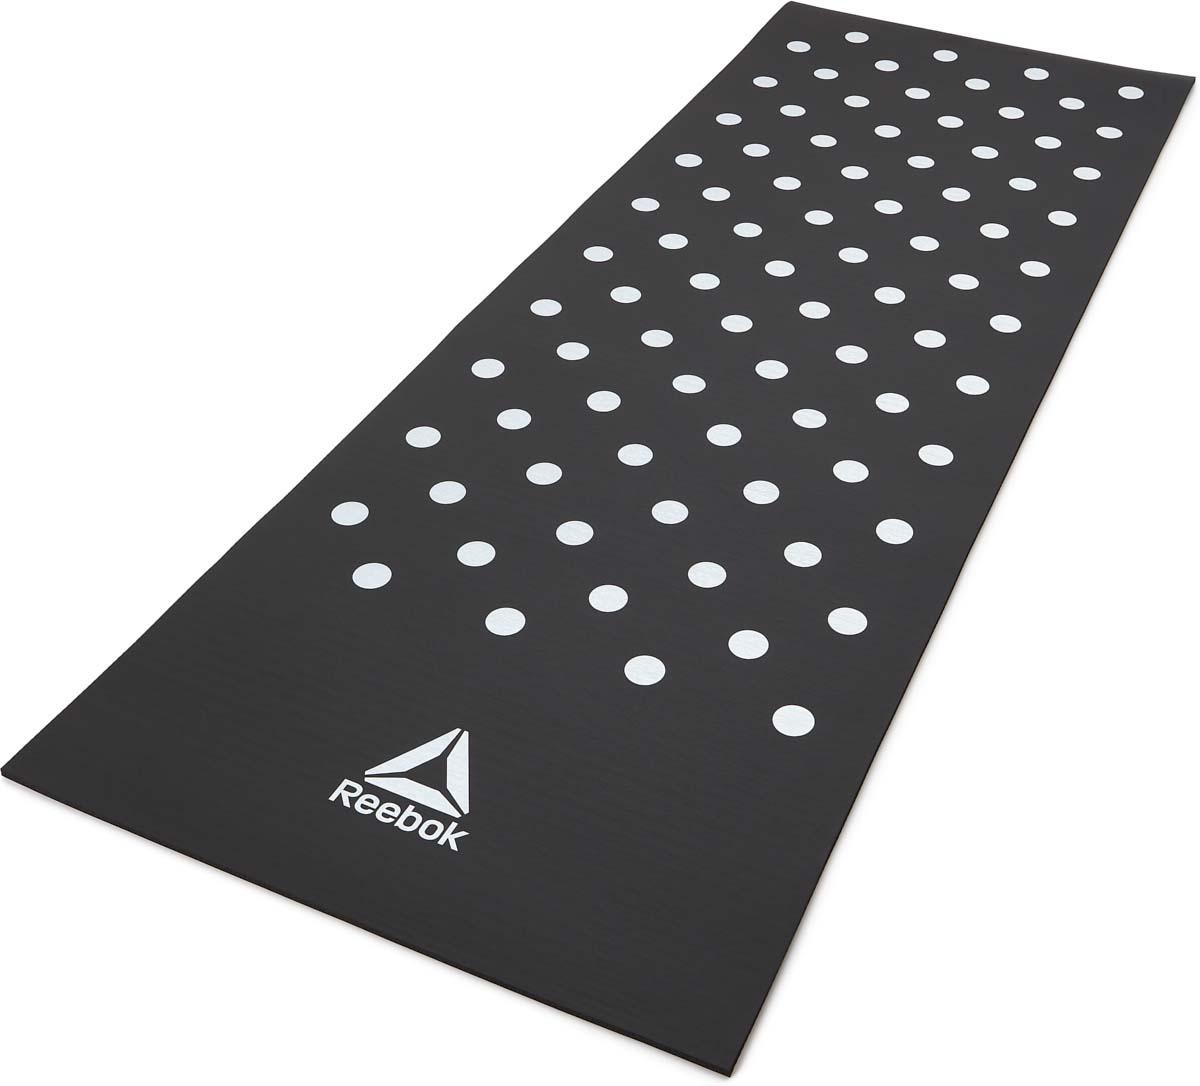 Коврик тренировочный для фитнеса Adidas, цвет: черный, толщина 7 мм, длина 173 см, Reebok